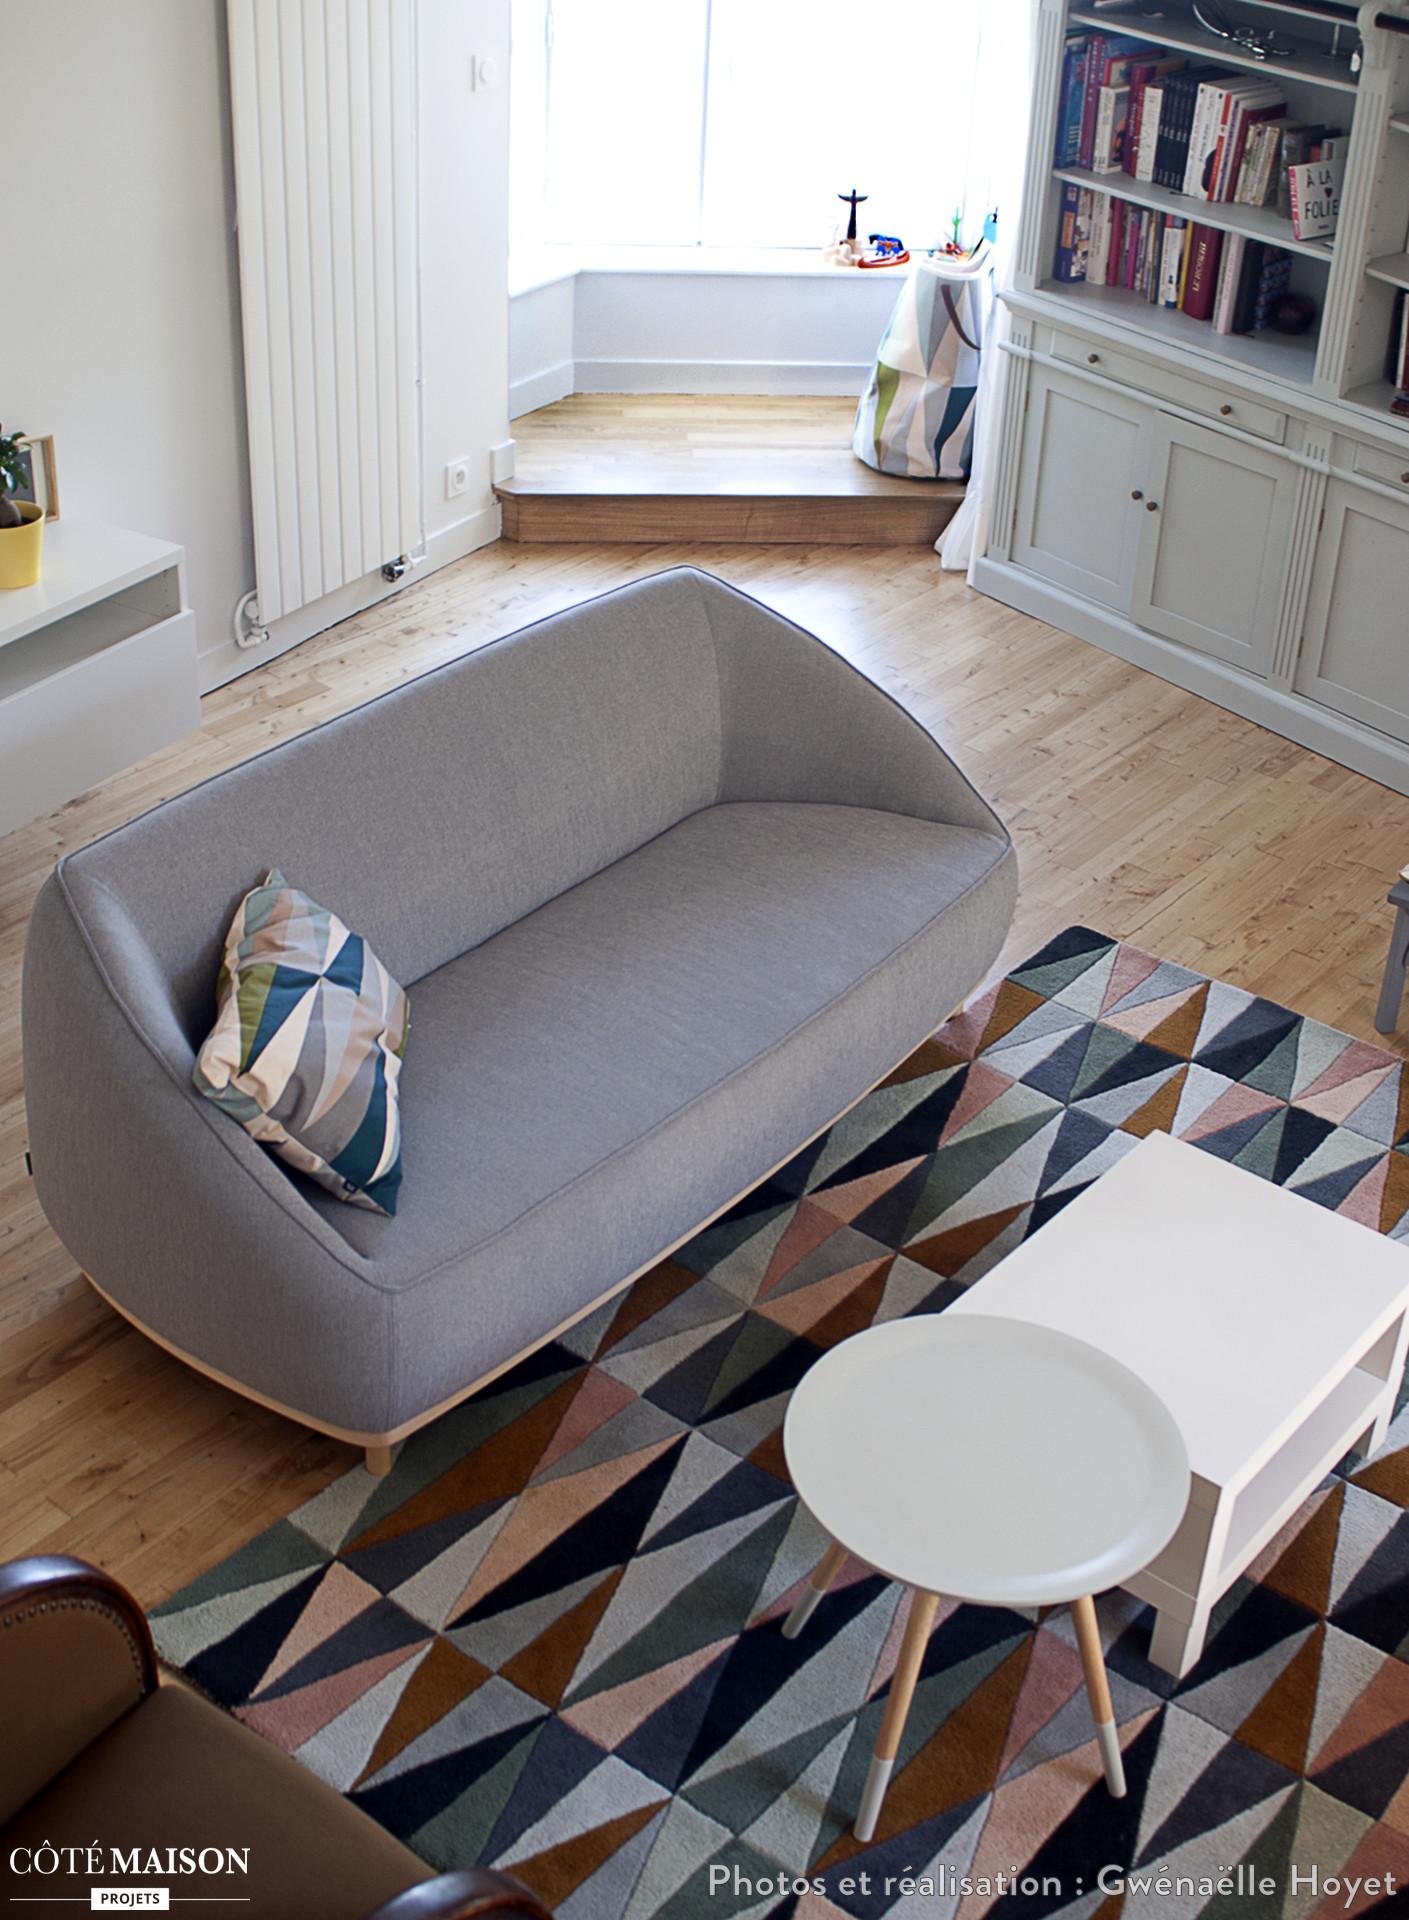 decoration scandinave d 039 une maison a rennes gwenaelle hoyet cote maison